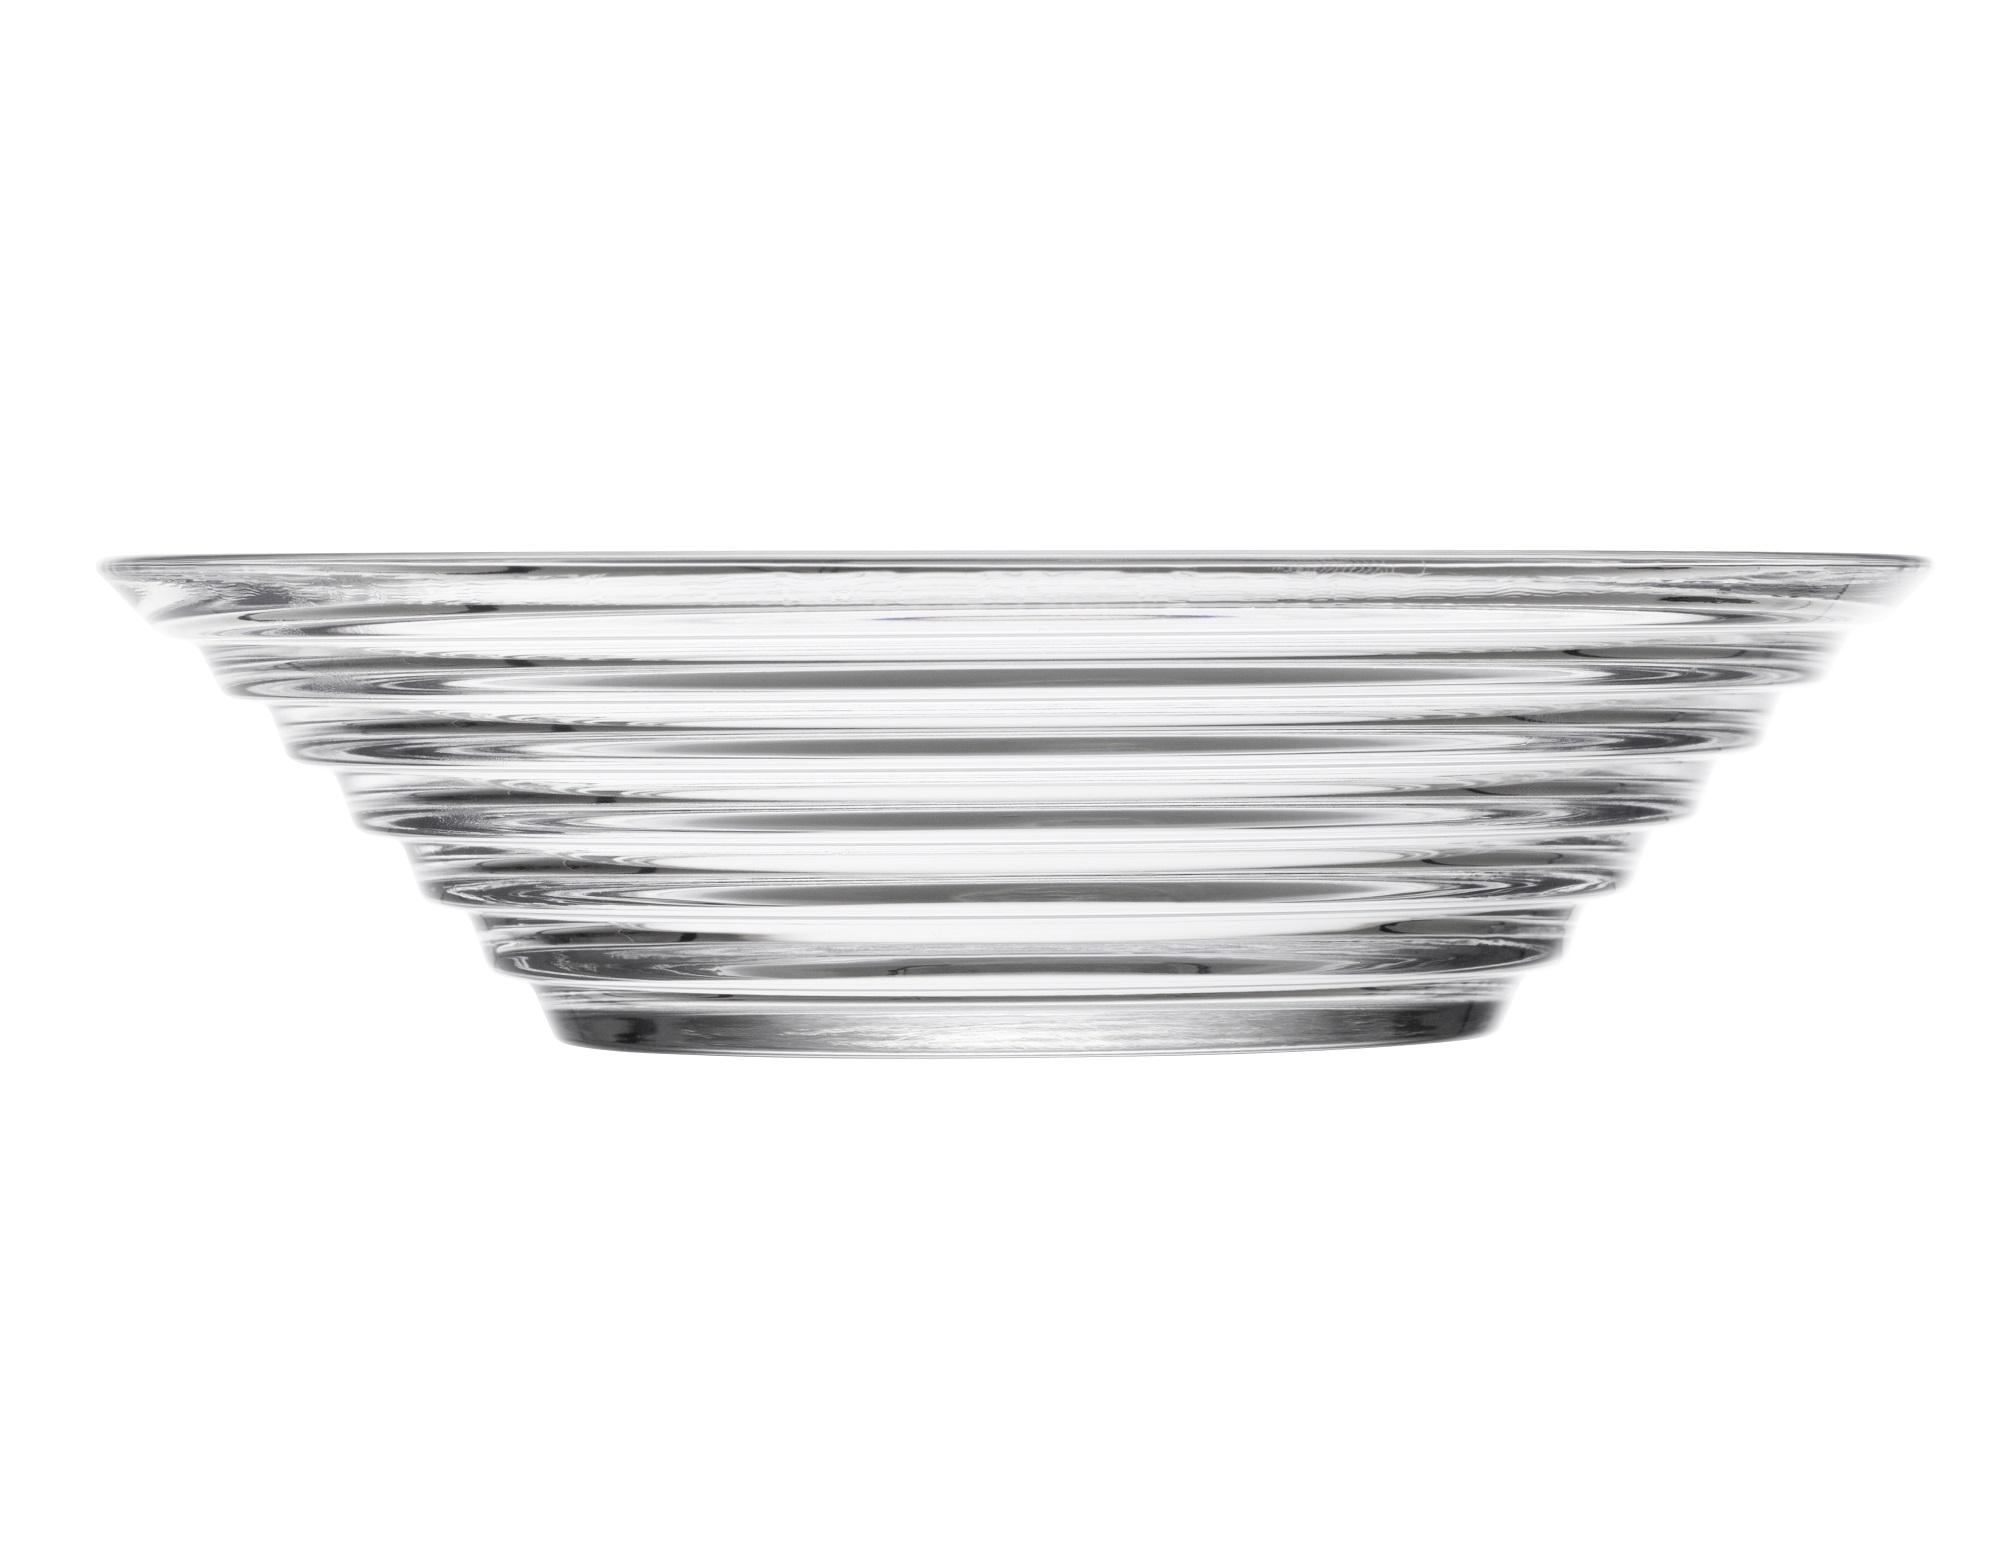 Чаша Aino AaltoМиски и чаши<br>Простота, компактность хранения и универсальность – ключеные характеристики посуды серии Aino Aalto. Этот необычный дизайн раскрывает всю красоту разводов на воде от упавшего камешка. Дизайн не менялся с 1932 года.<br><br>Material: Стекло<br>Высота см: 3